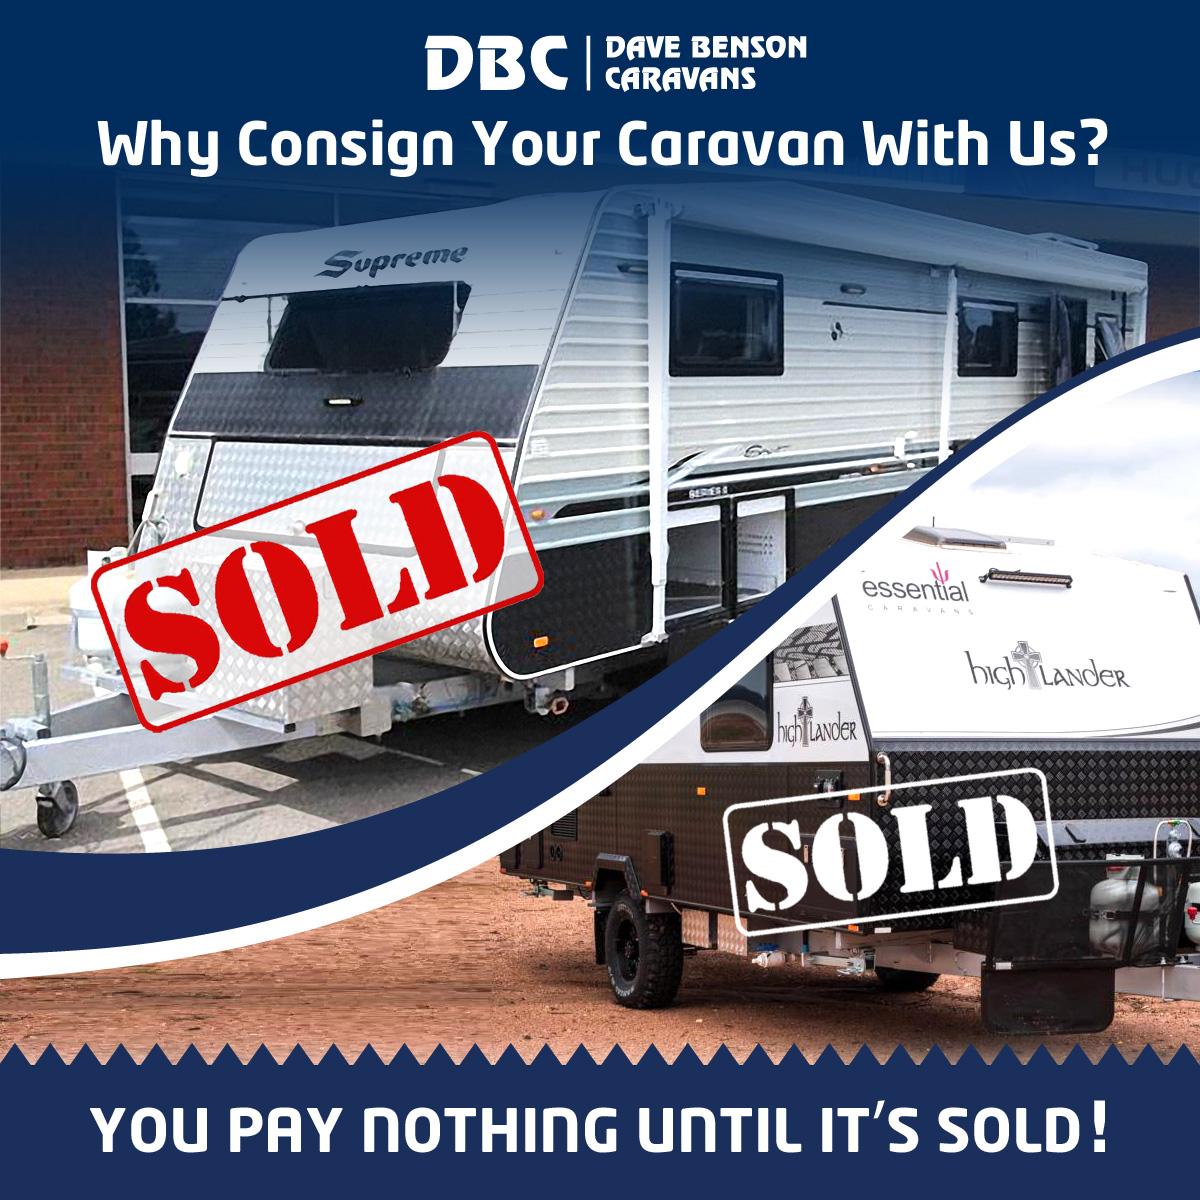 consign-your-caravan